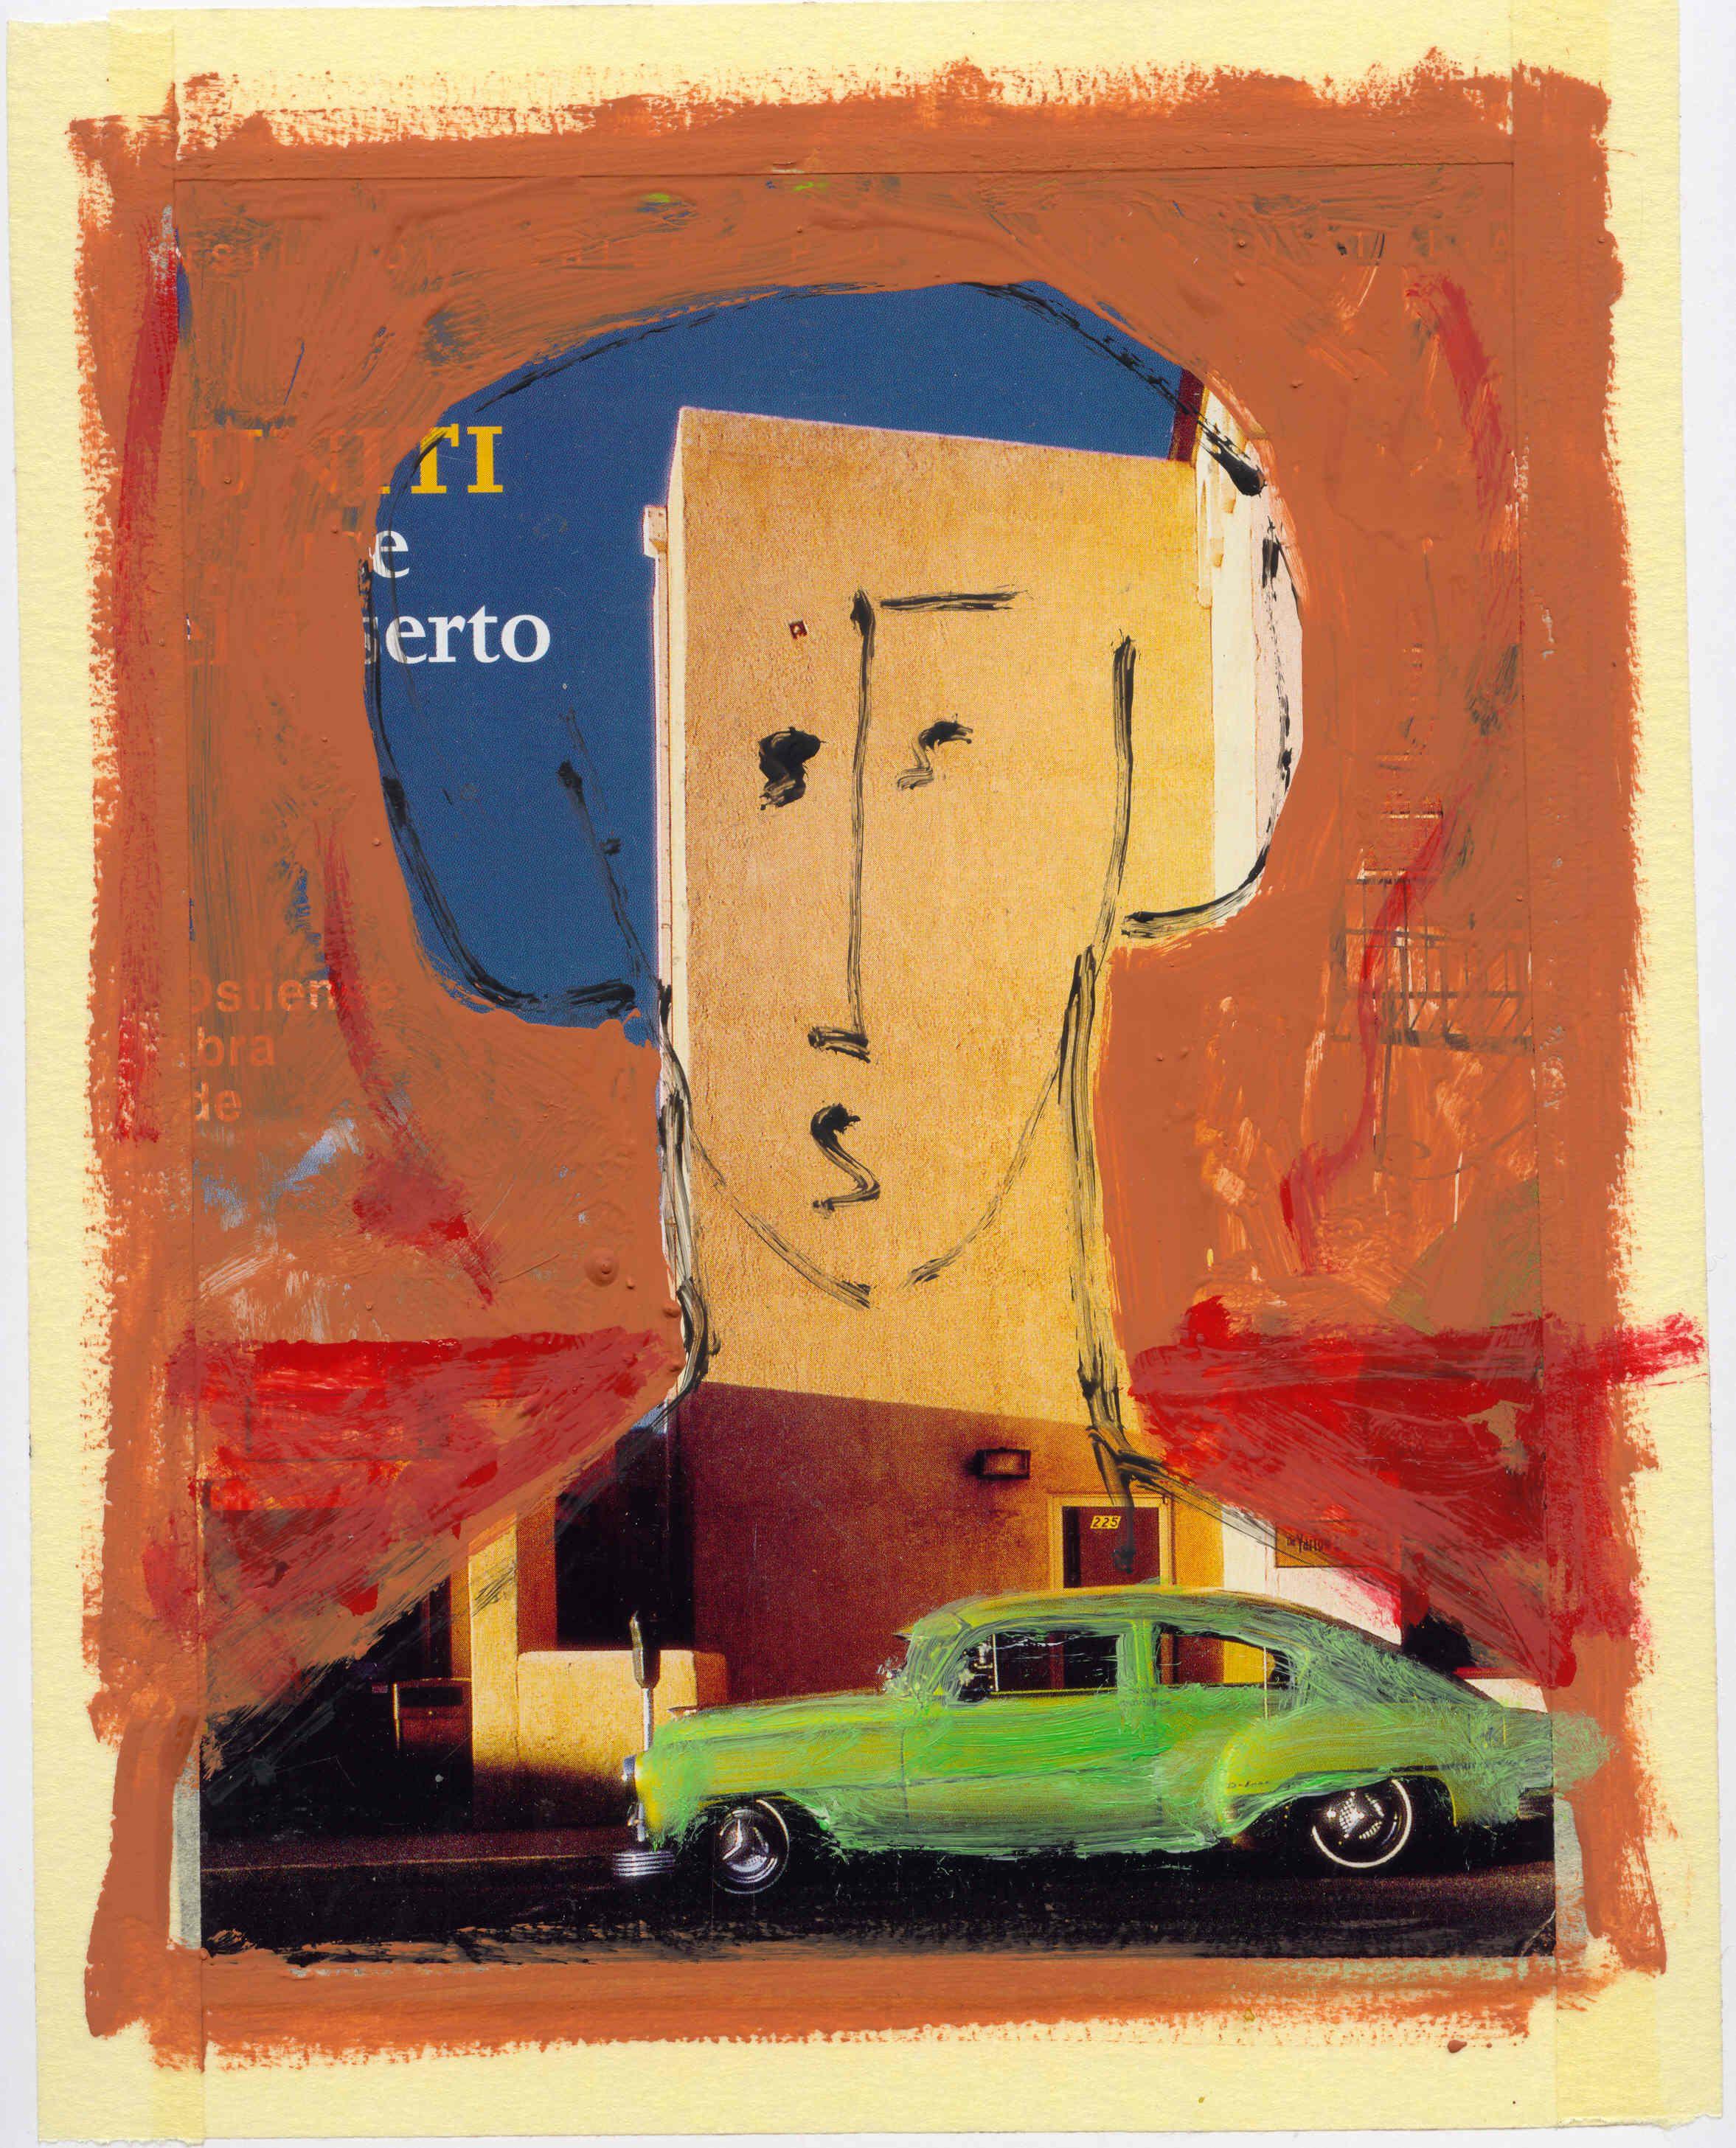 tecnica mista su carta anno 2006 autore Lino Lanaro